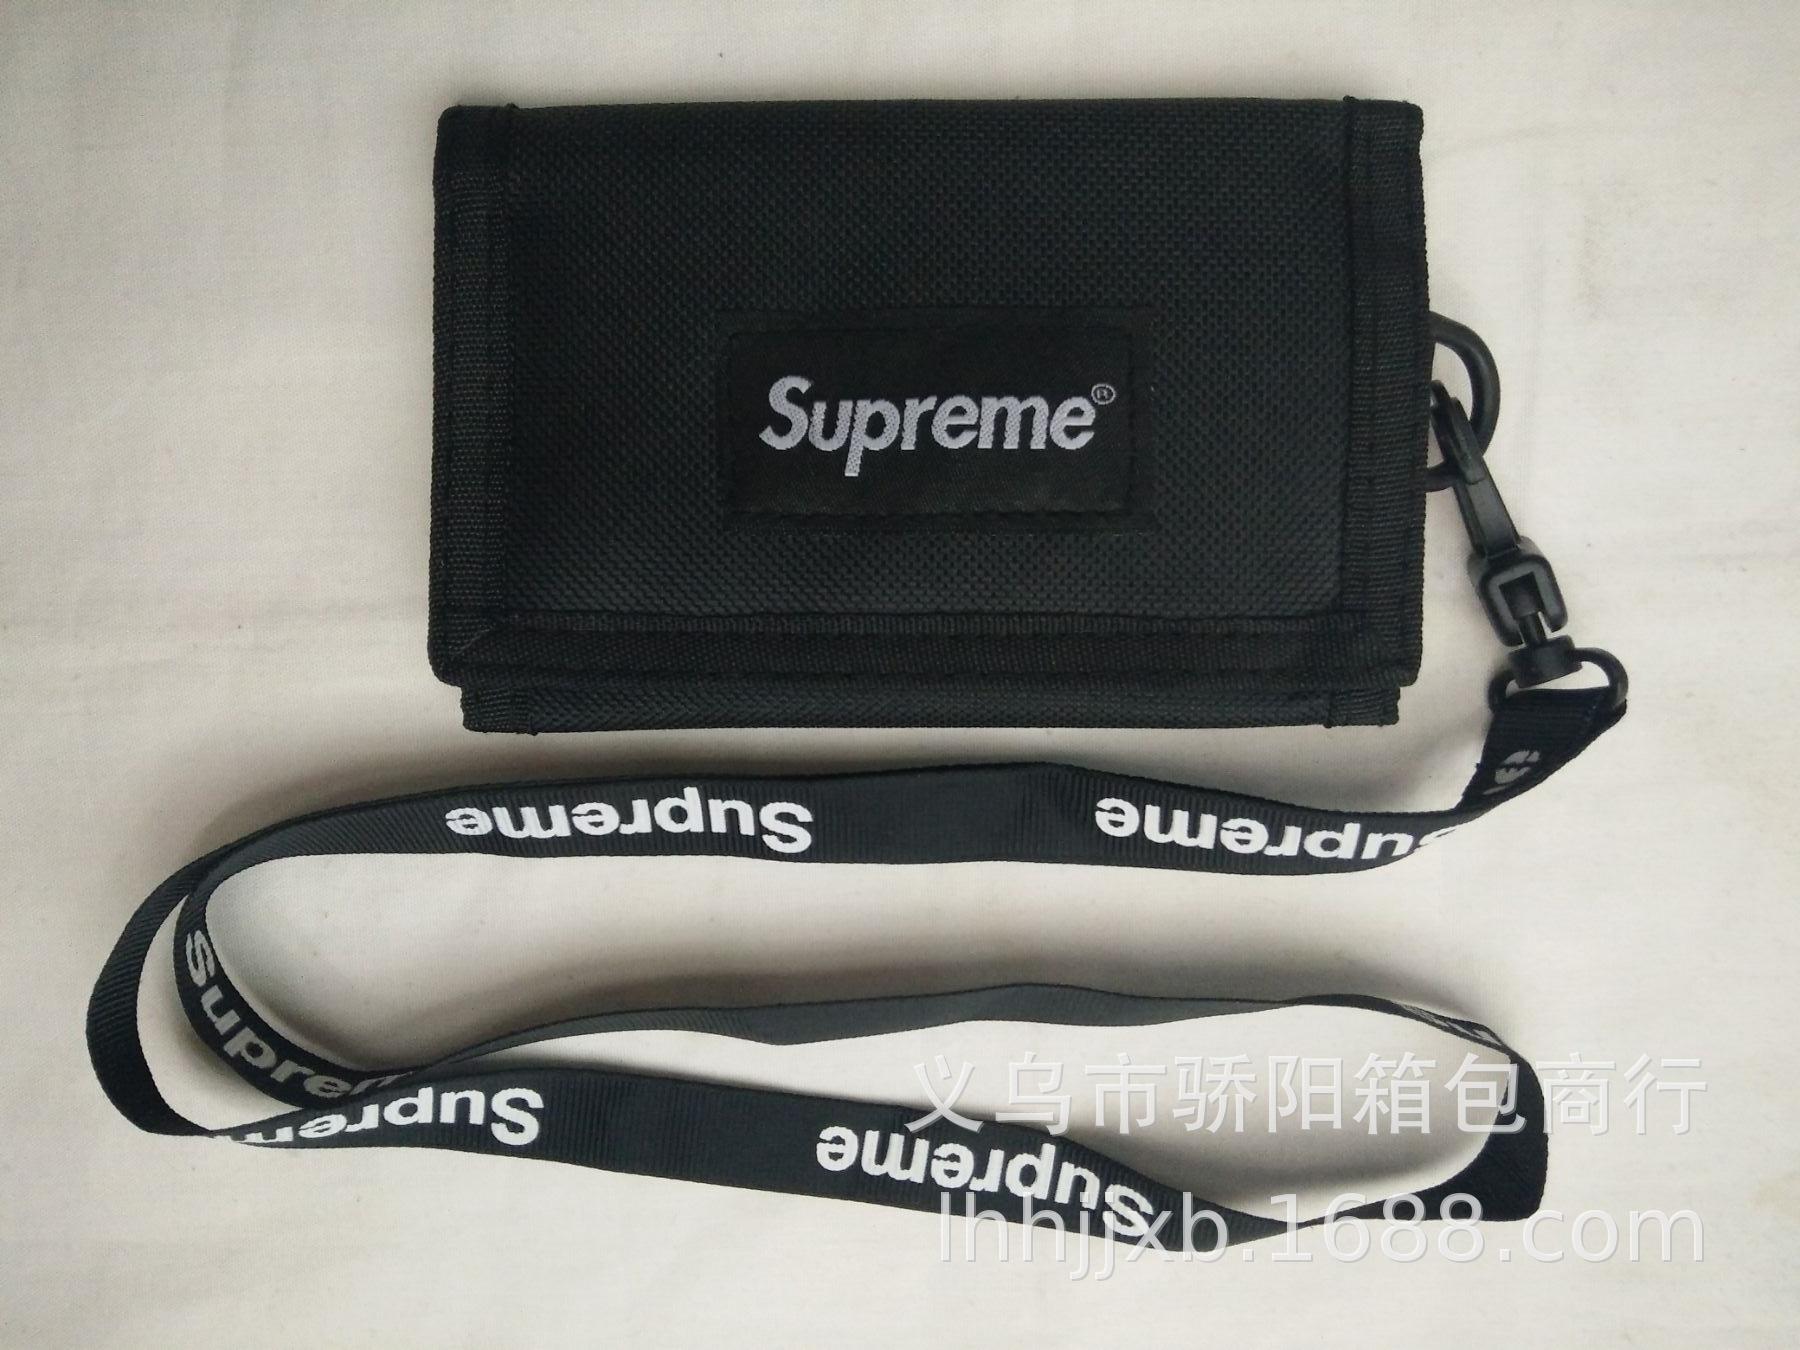 时尚新款 Supreme休闲钱包 三折横短款采用优质尼龙布材料生产。